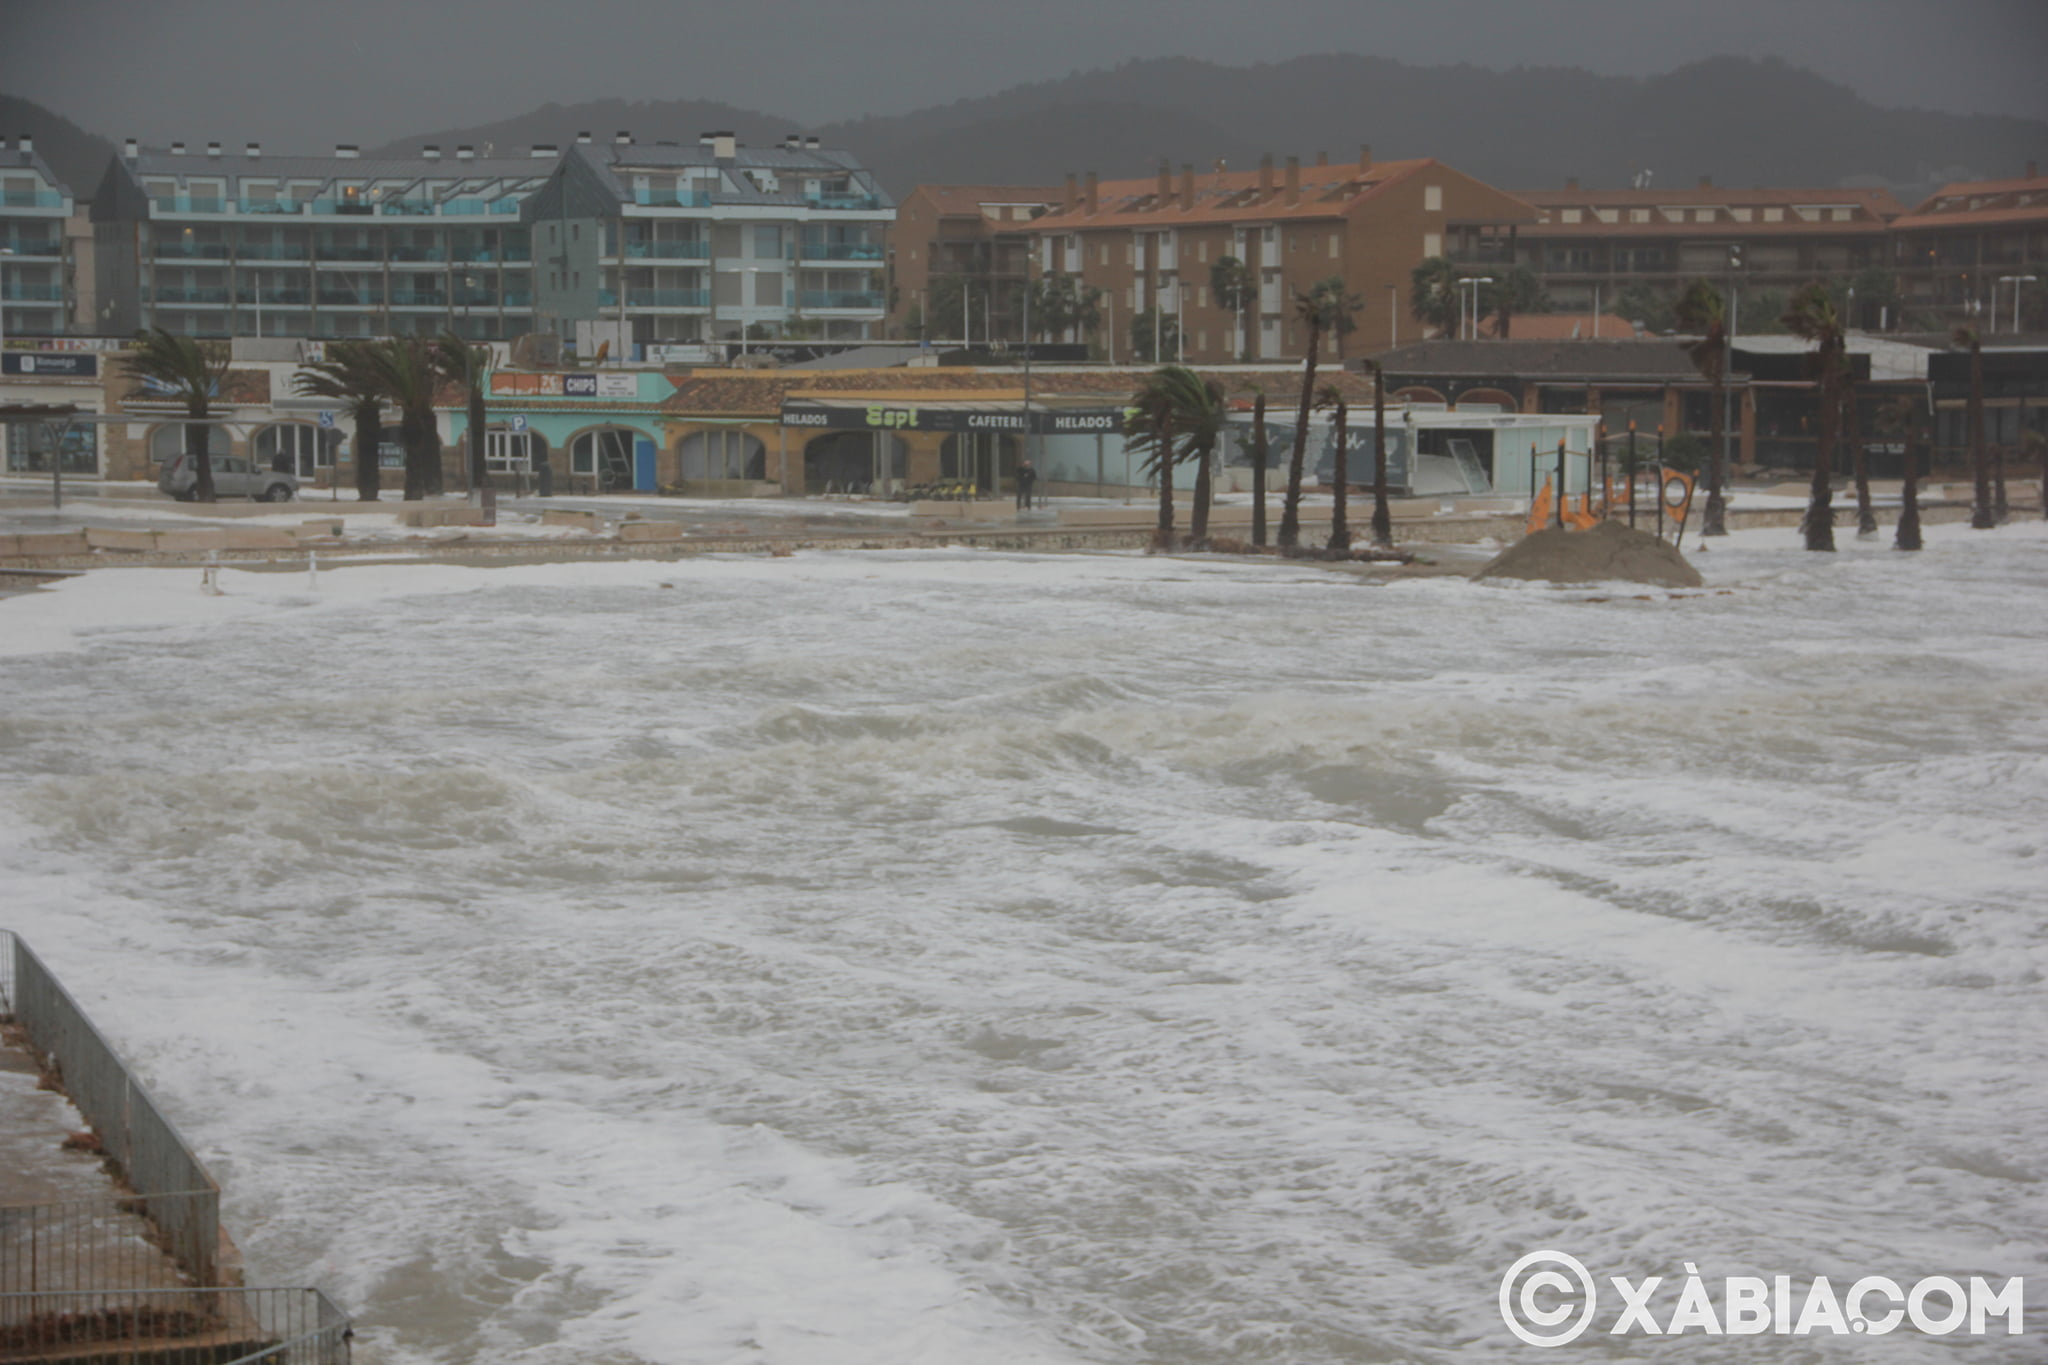 Brandelli di pioggia, vento e mare in Xàbia (20)